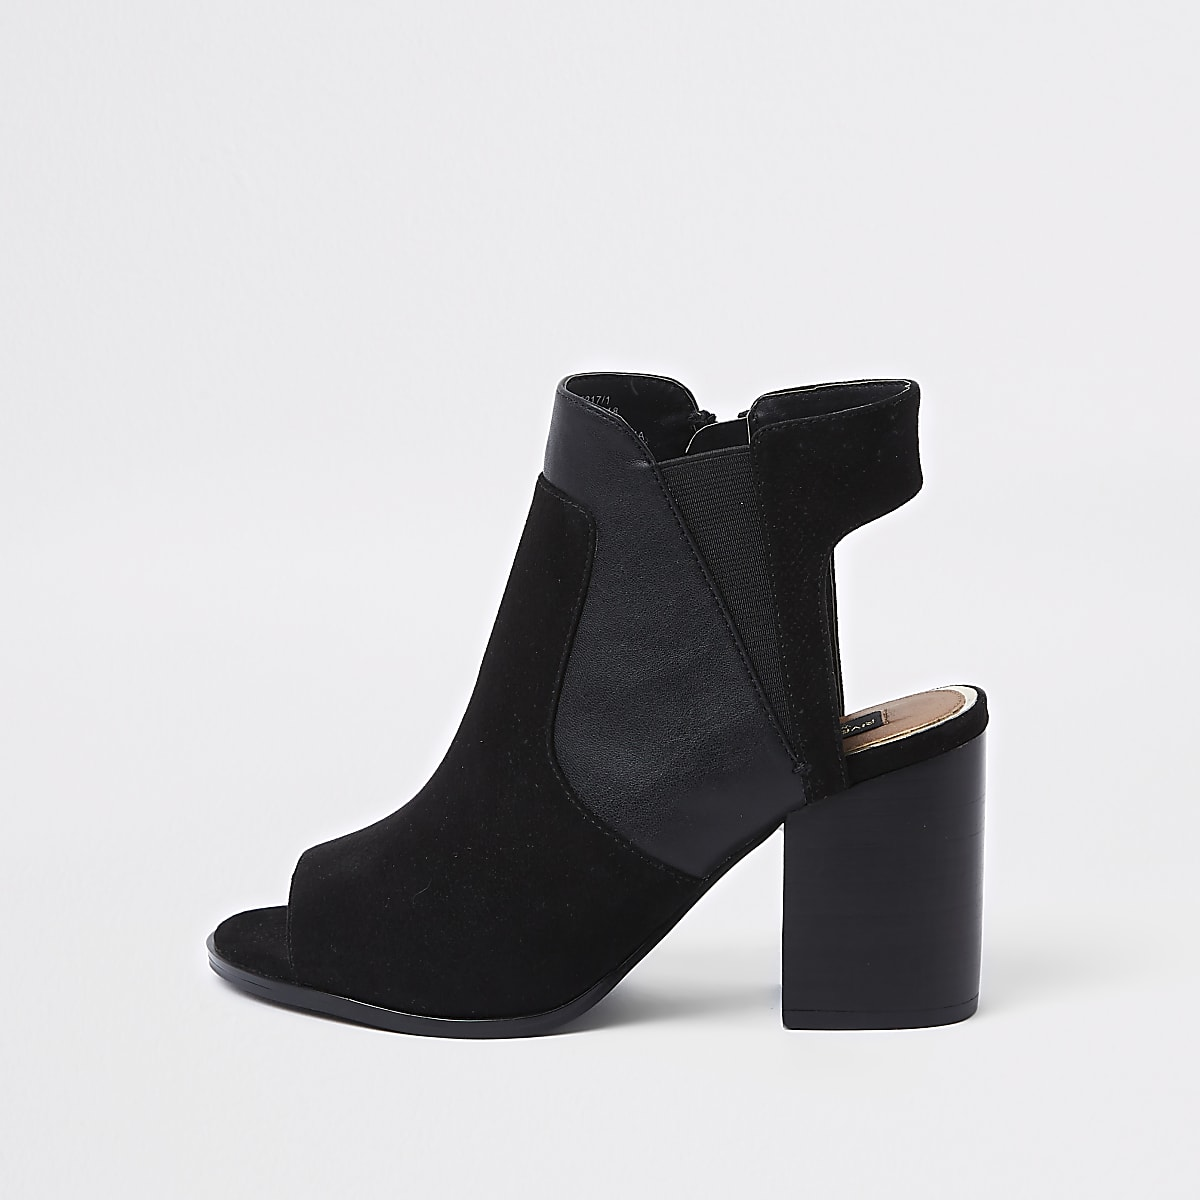 Black wide fit block heel shoe boots